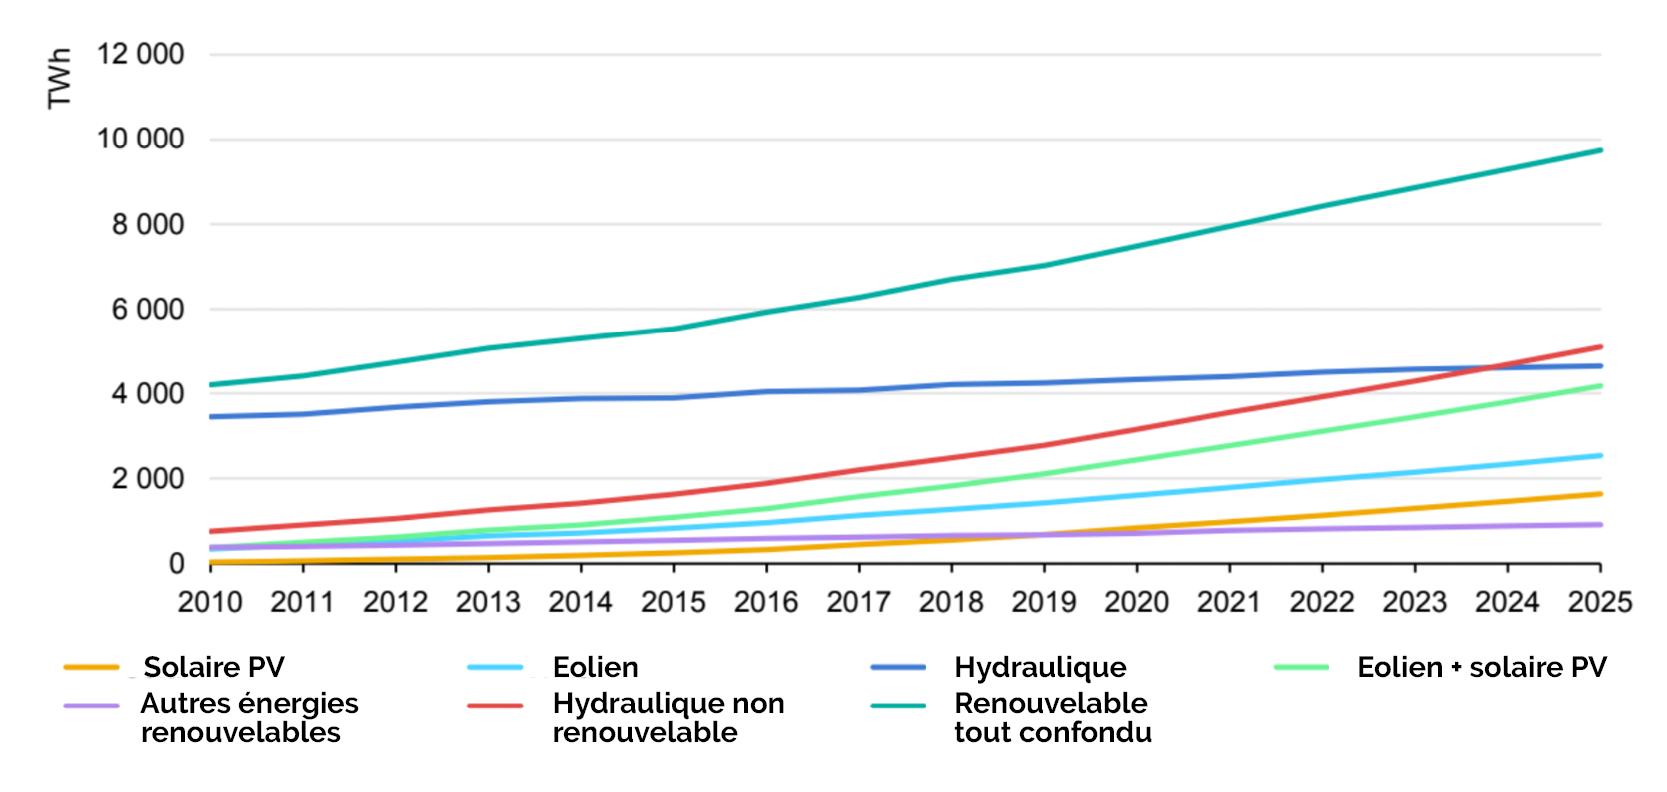 Quelle production d'électricité verte dans le monde d'ici 2025